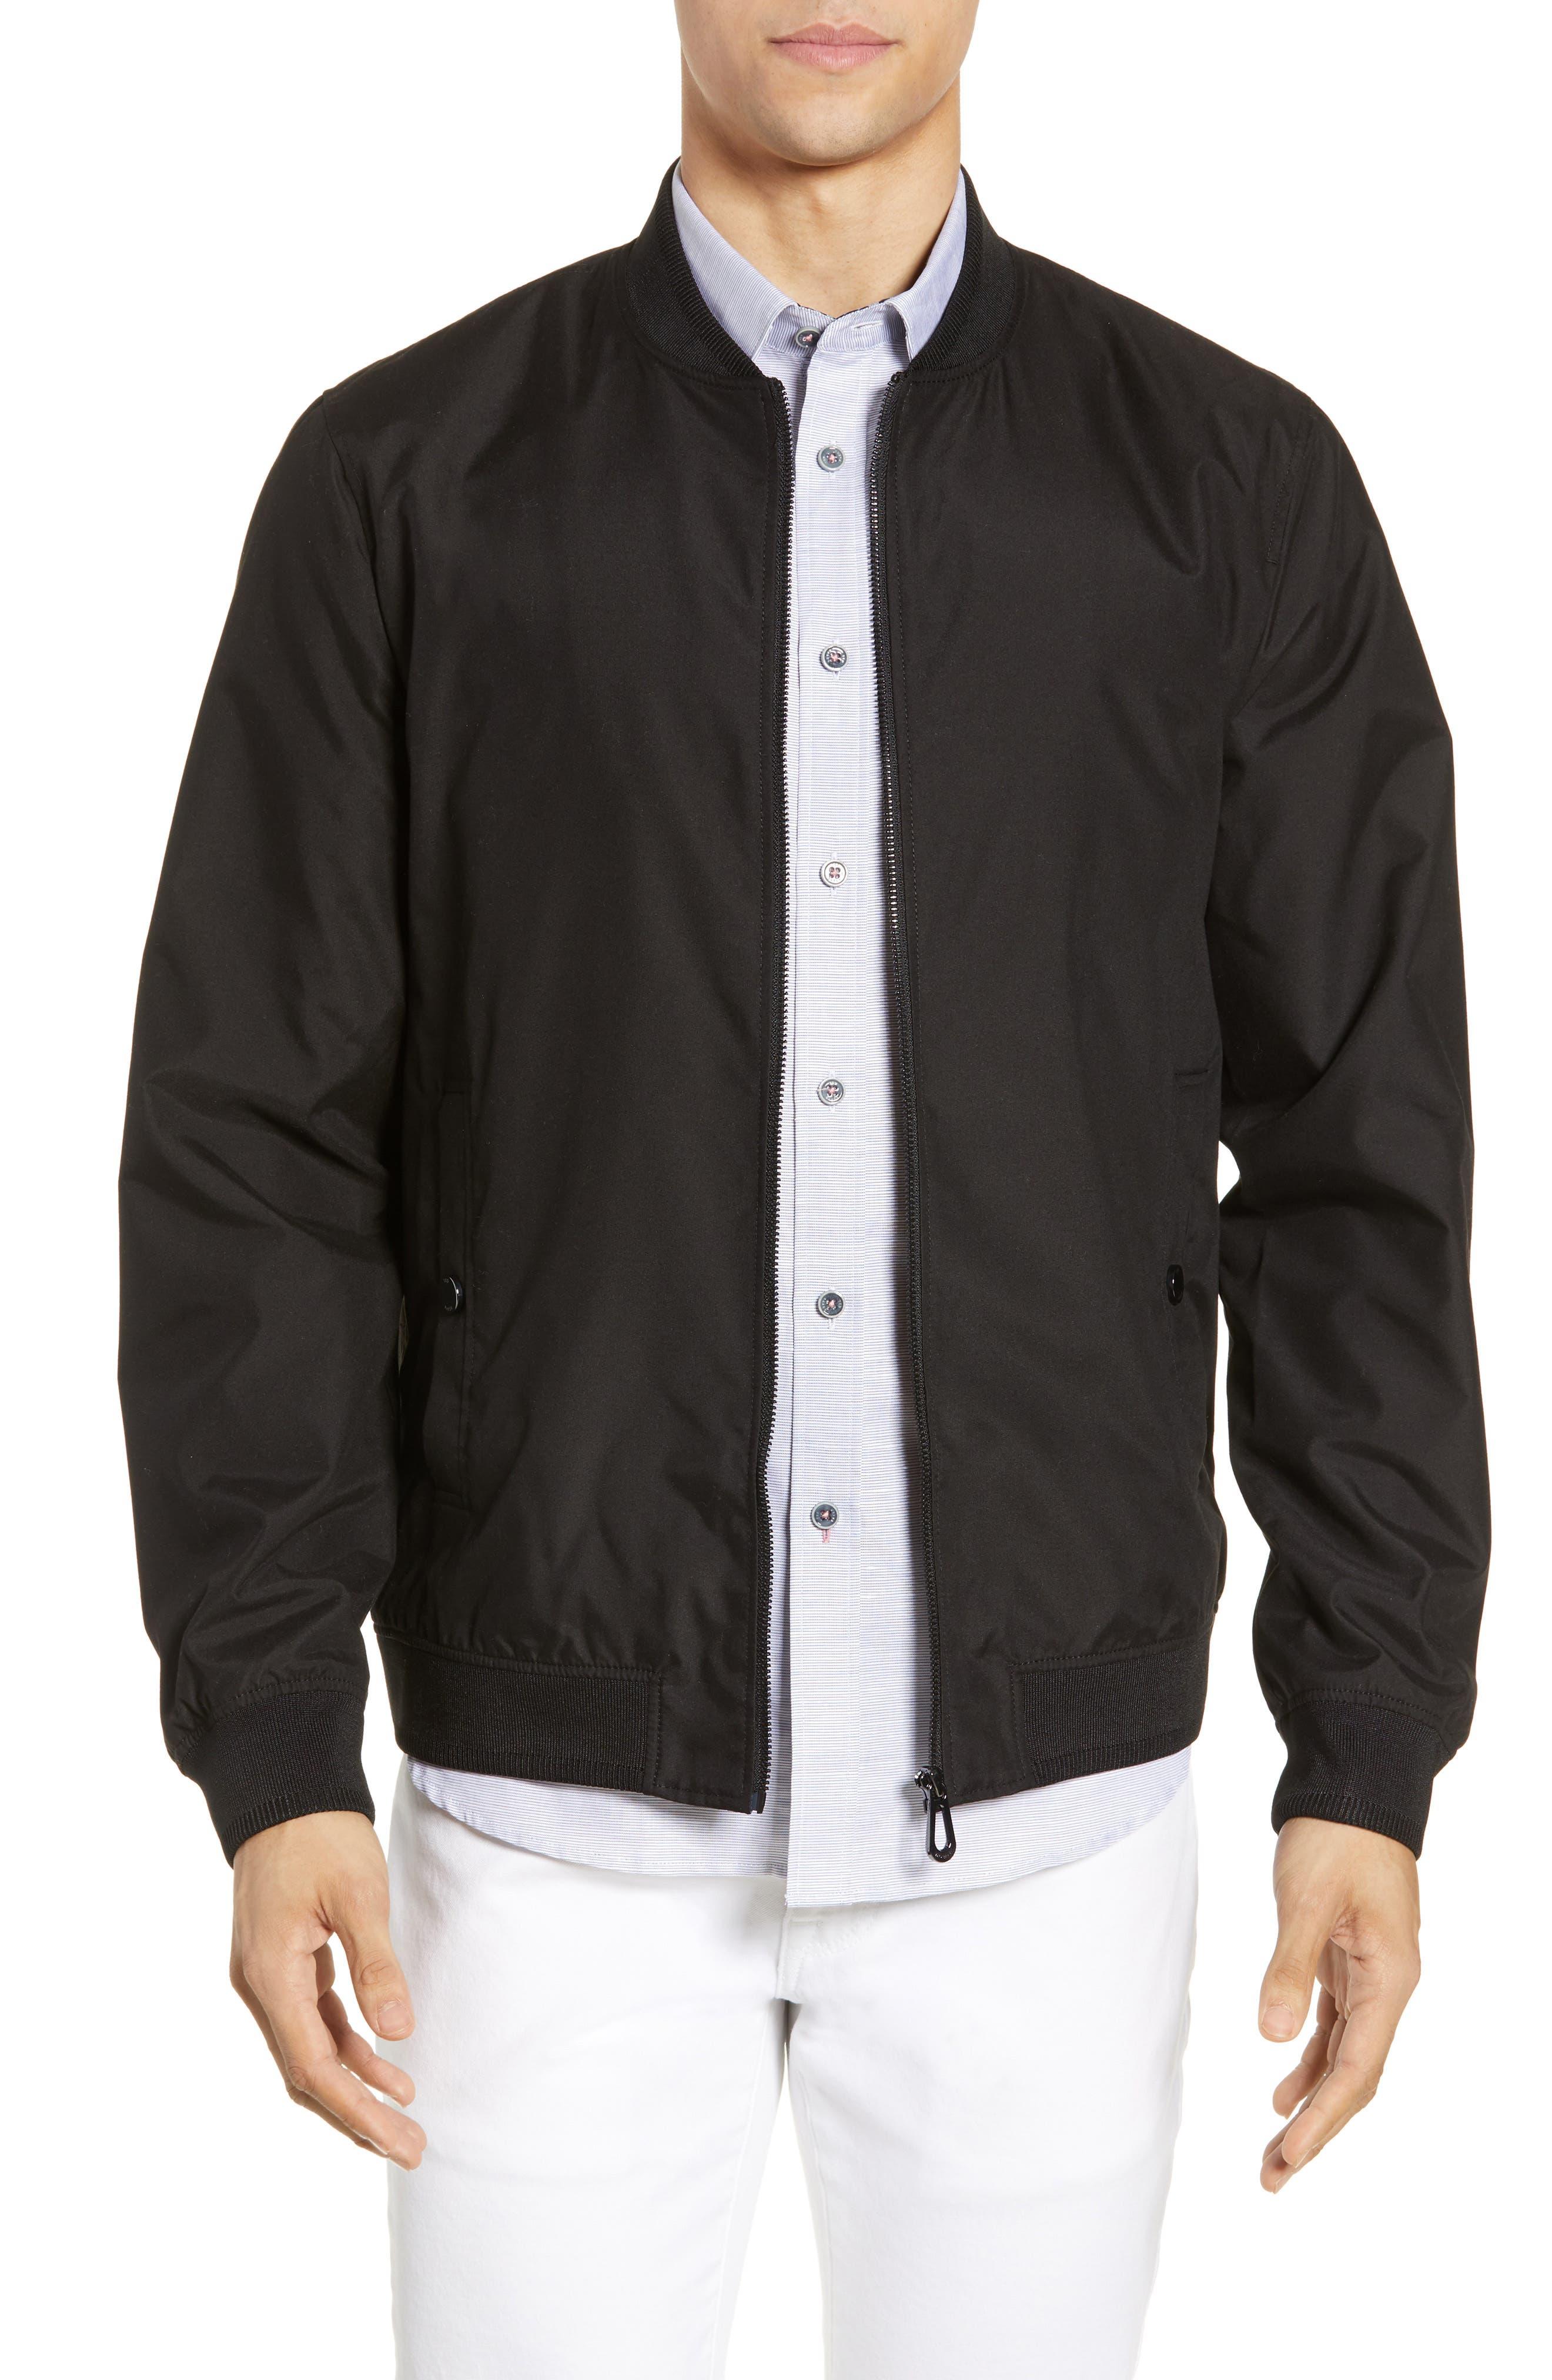 TED BAKER LONDON Len Slim Fit Bomber Jacket, Main, color, BLACK